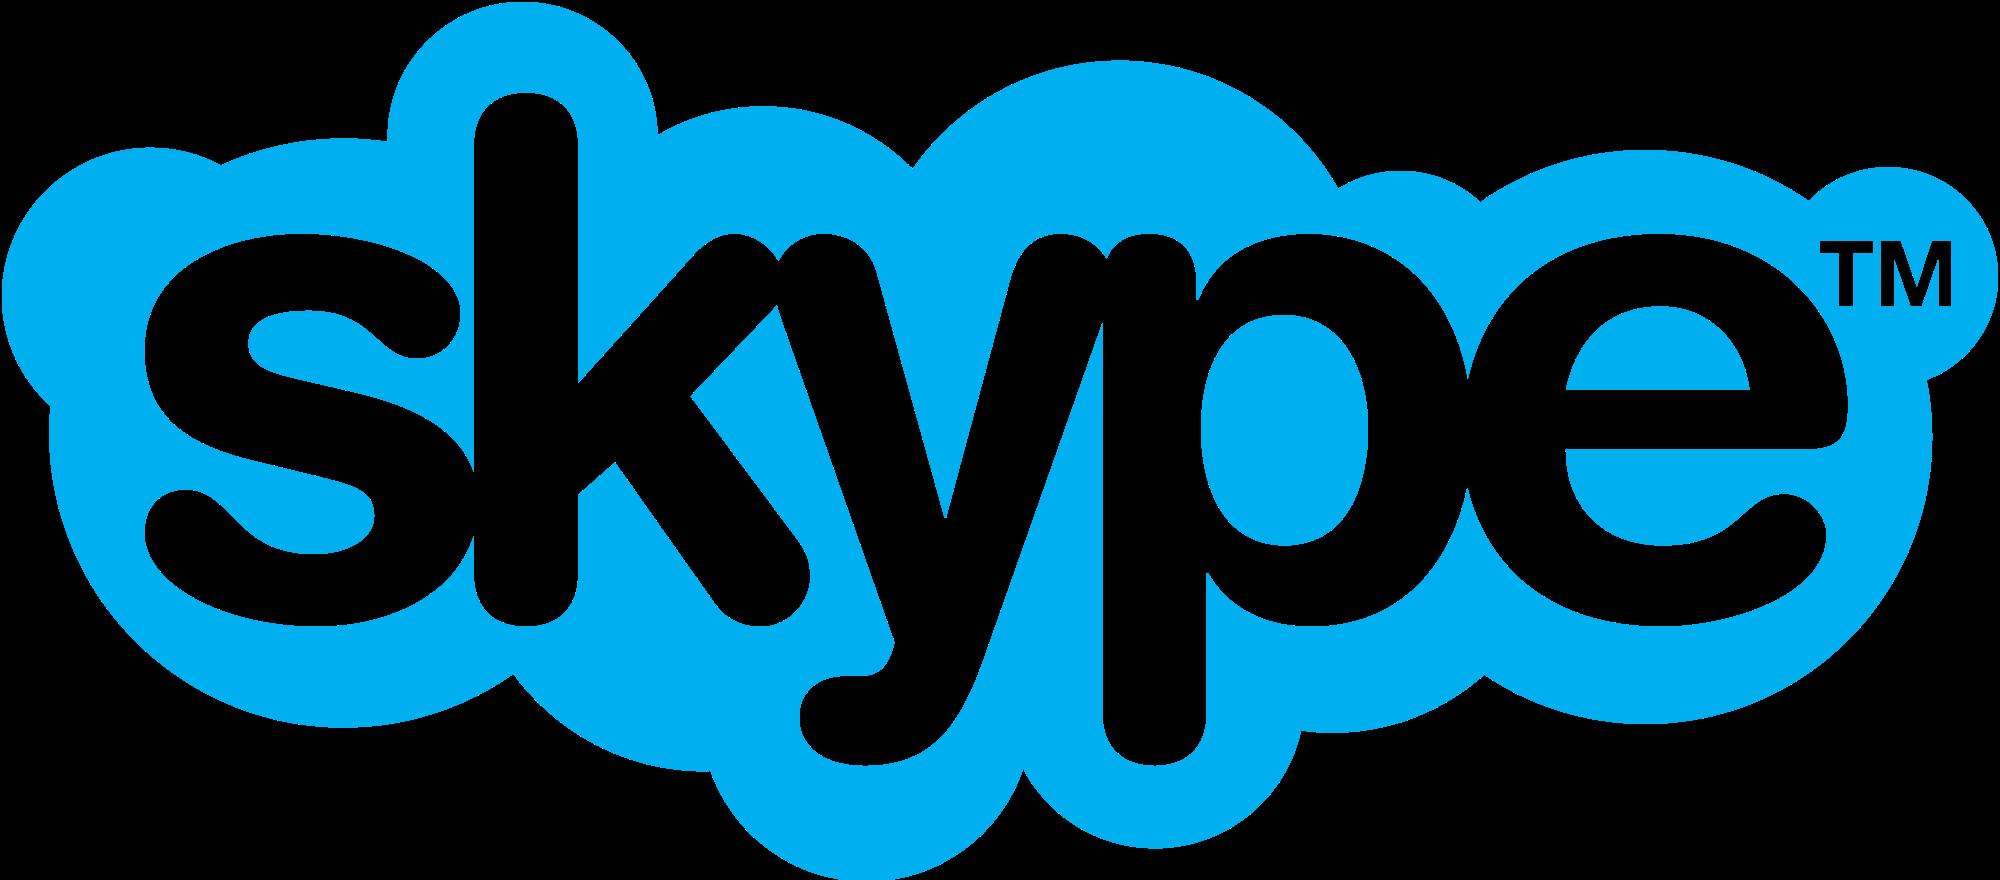 Skype Logo Transparent Png Stickpng